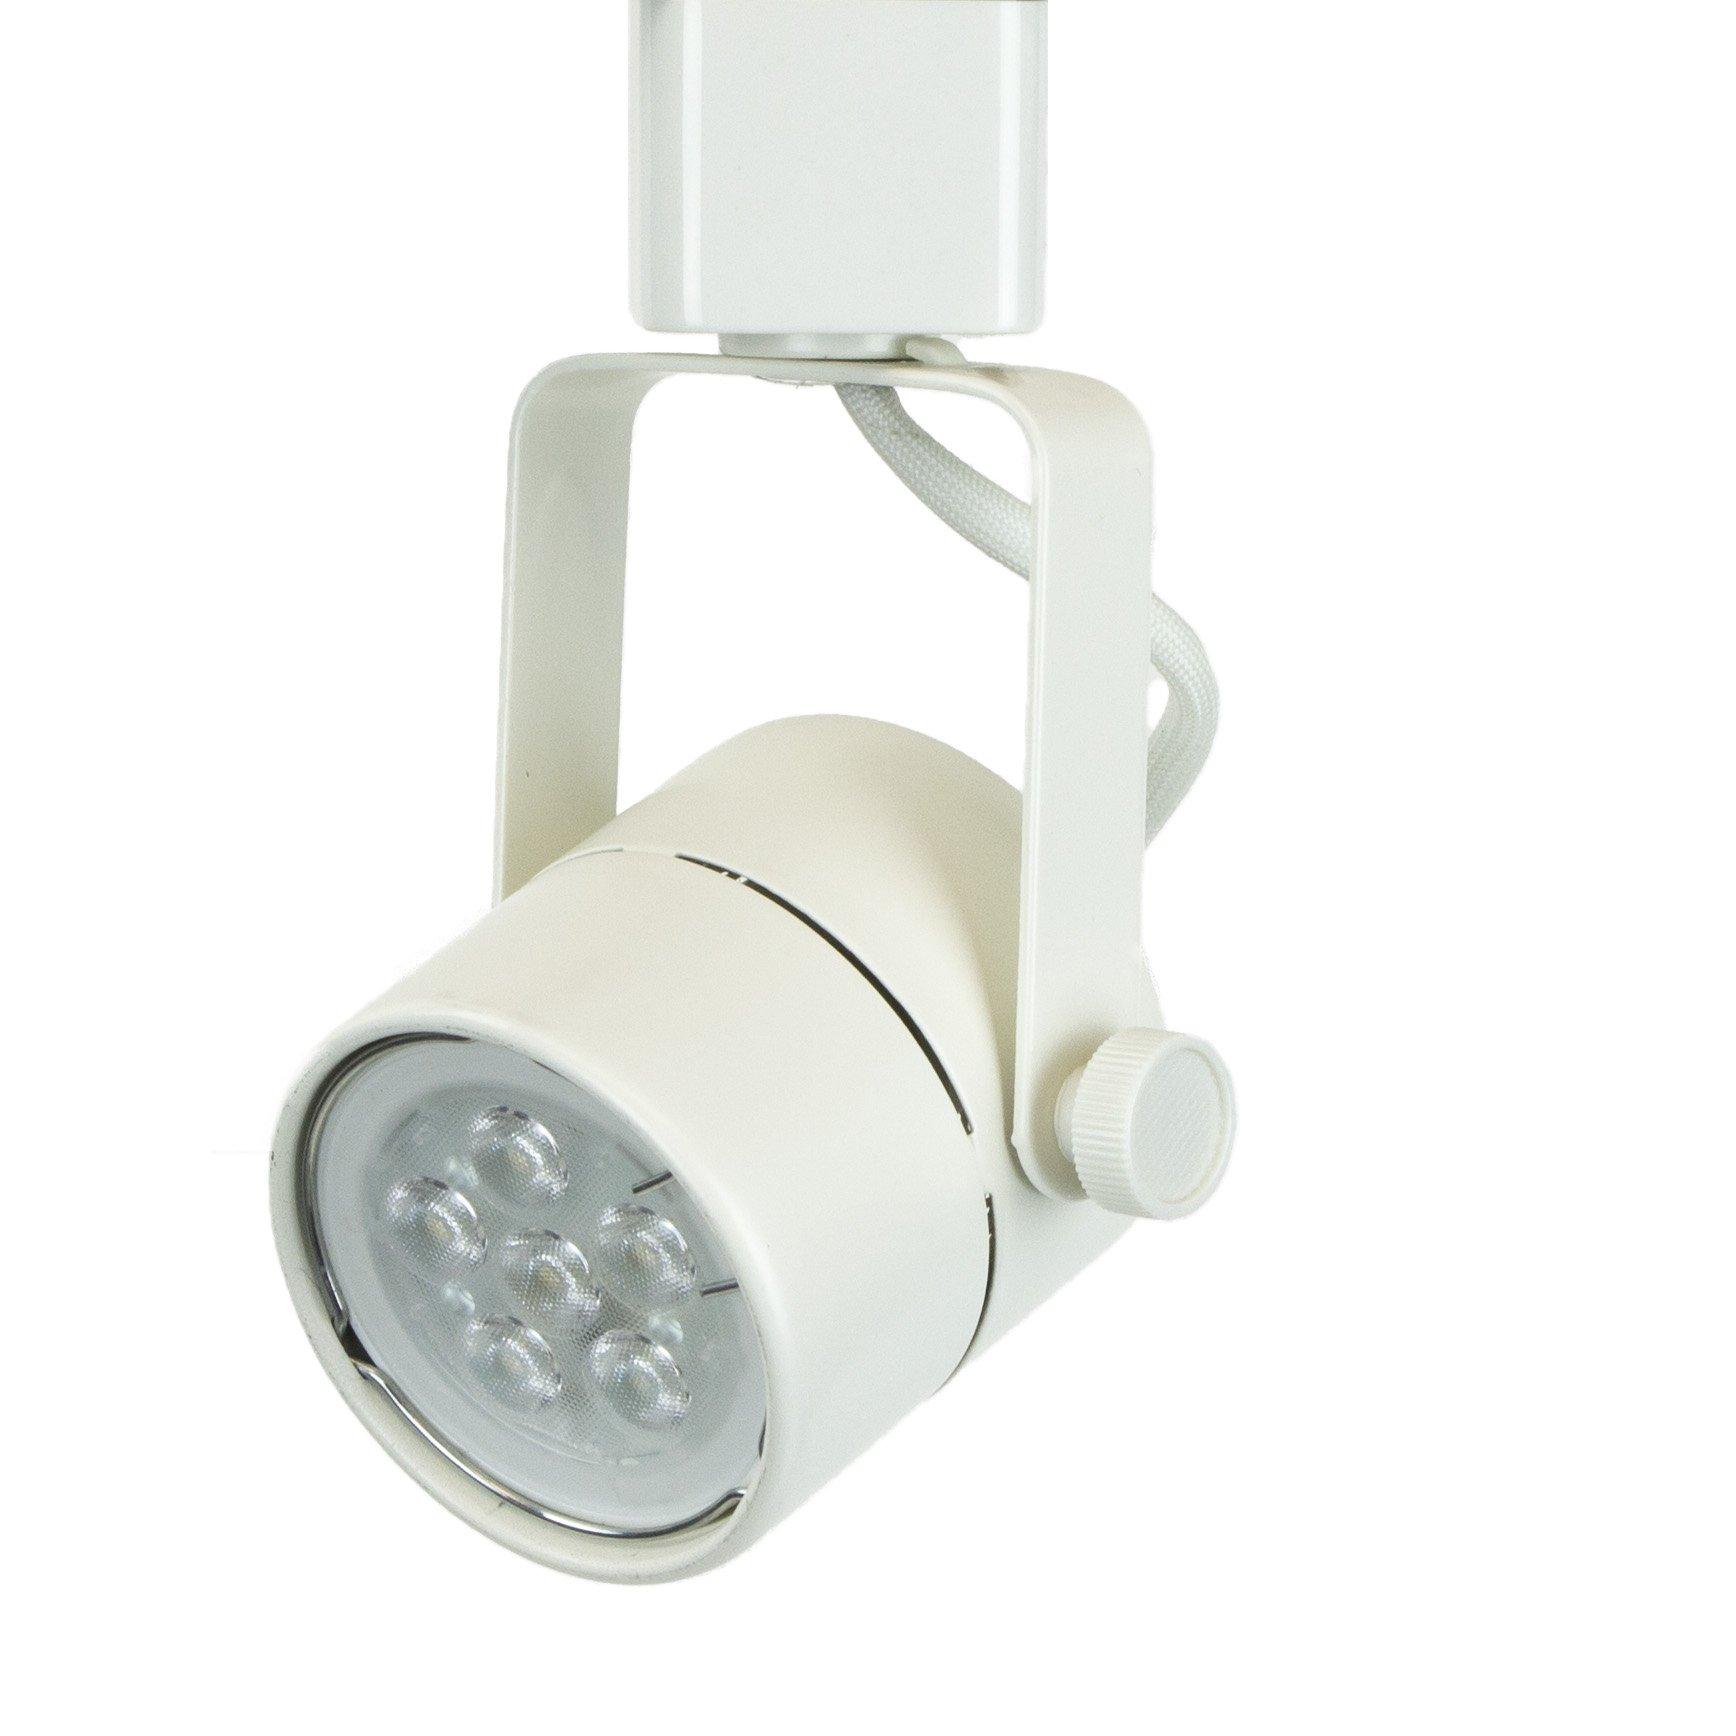 Direct-Lighting H System Daylight White 6000K GU10 LED Track Lighting Head - 7.5W LED Bulb 50154L White